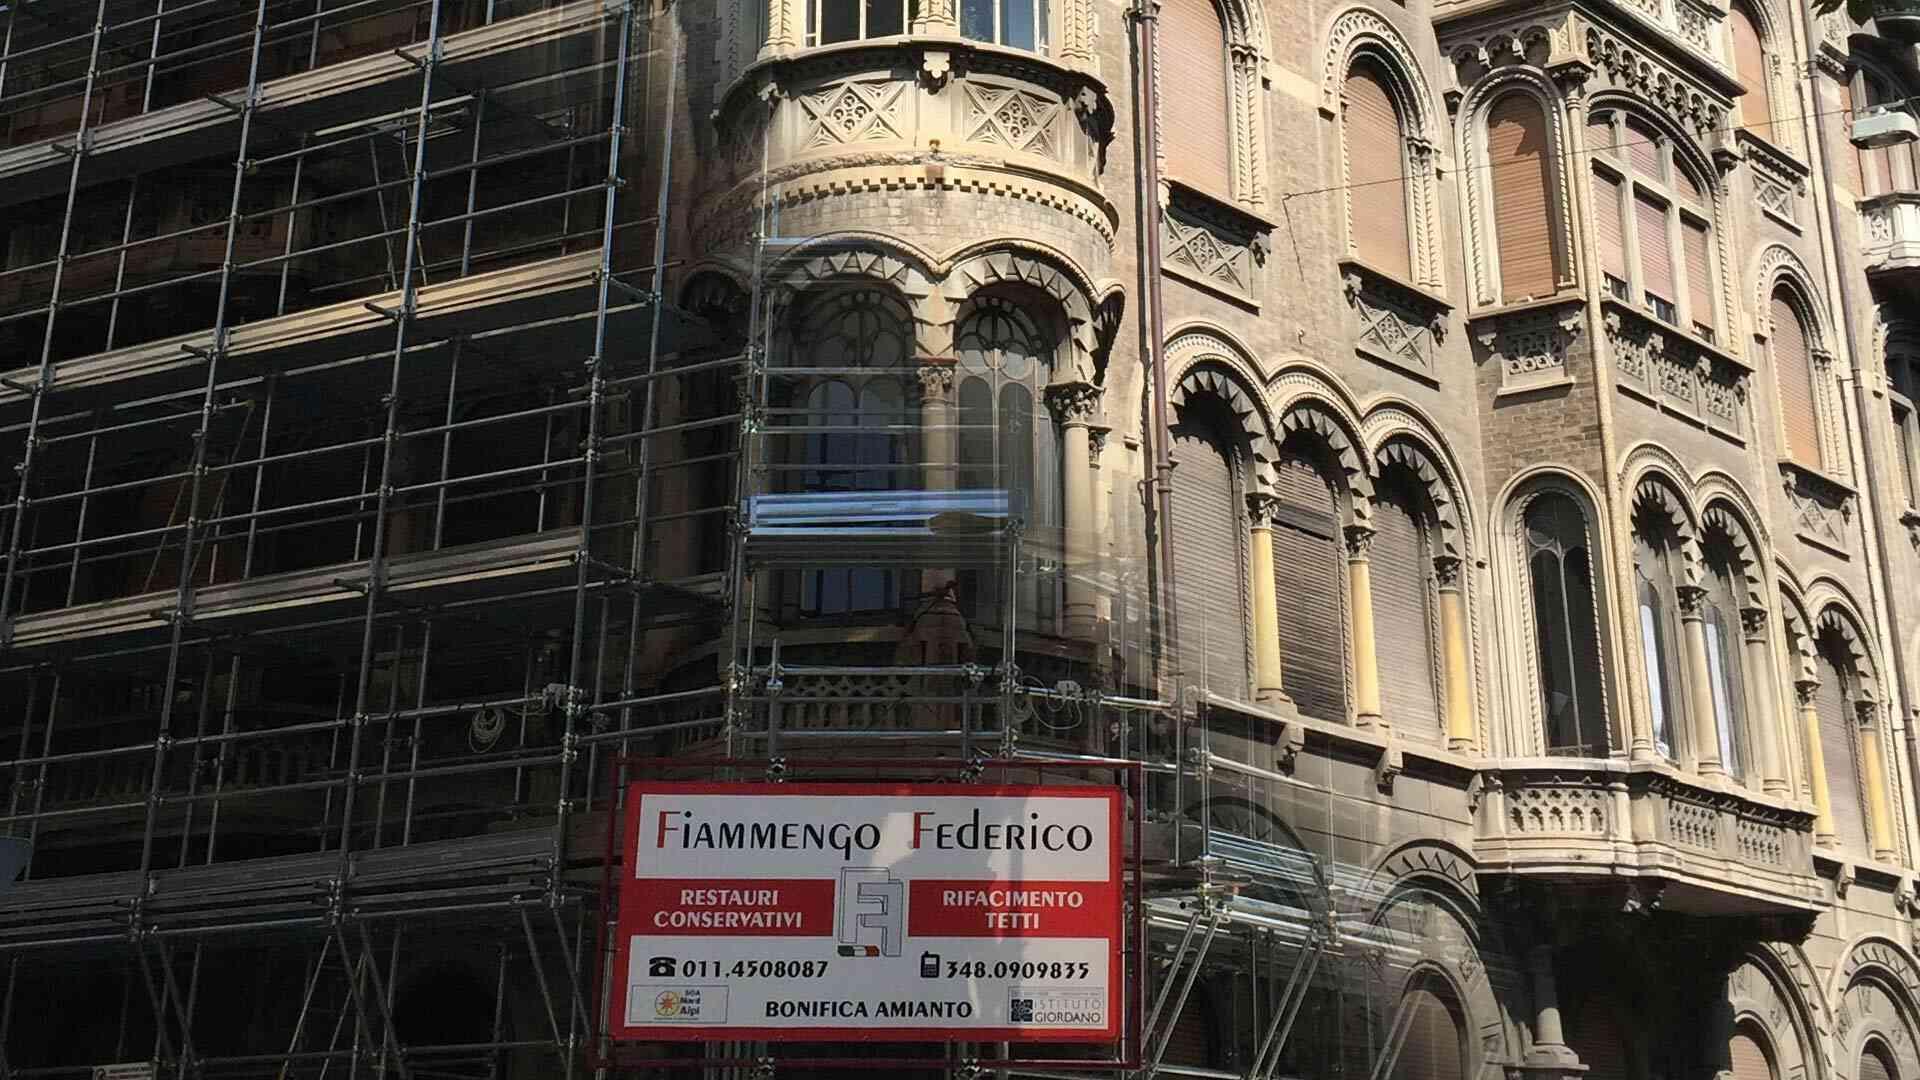 Fiammengo Federico - Lavori terminati